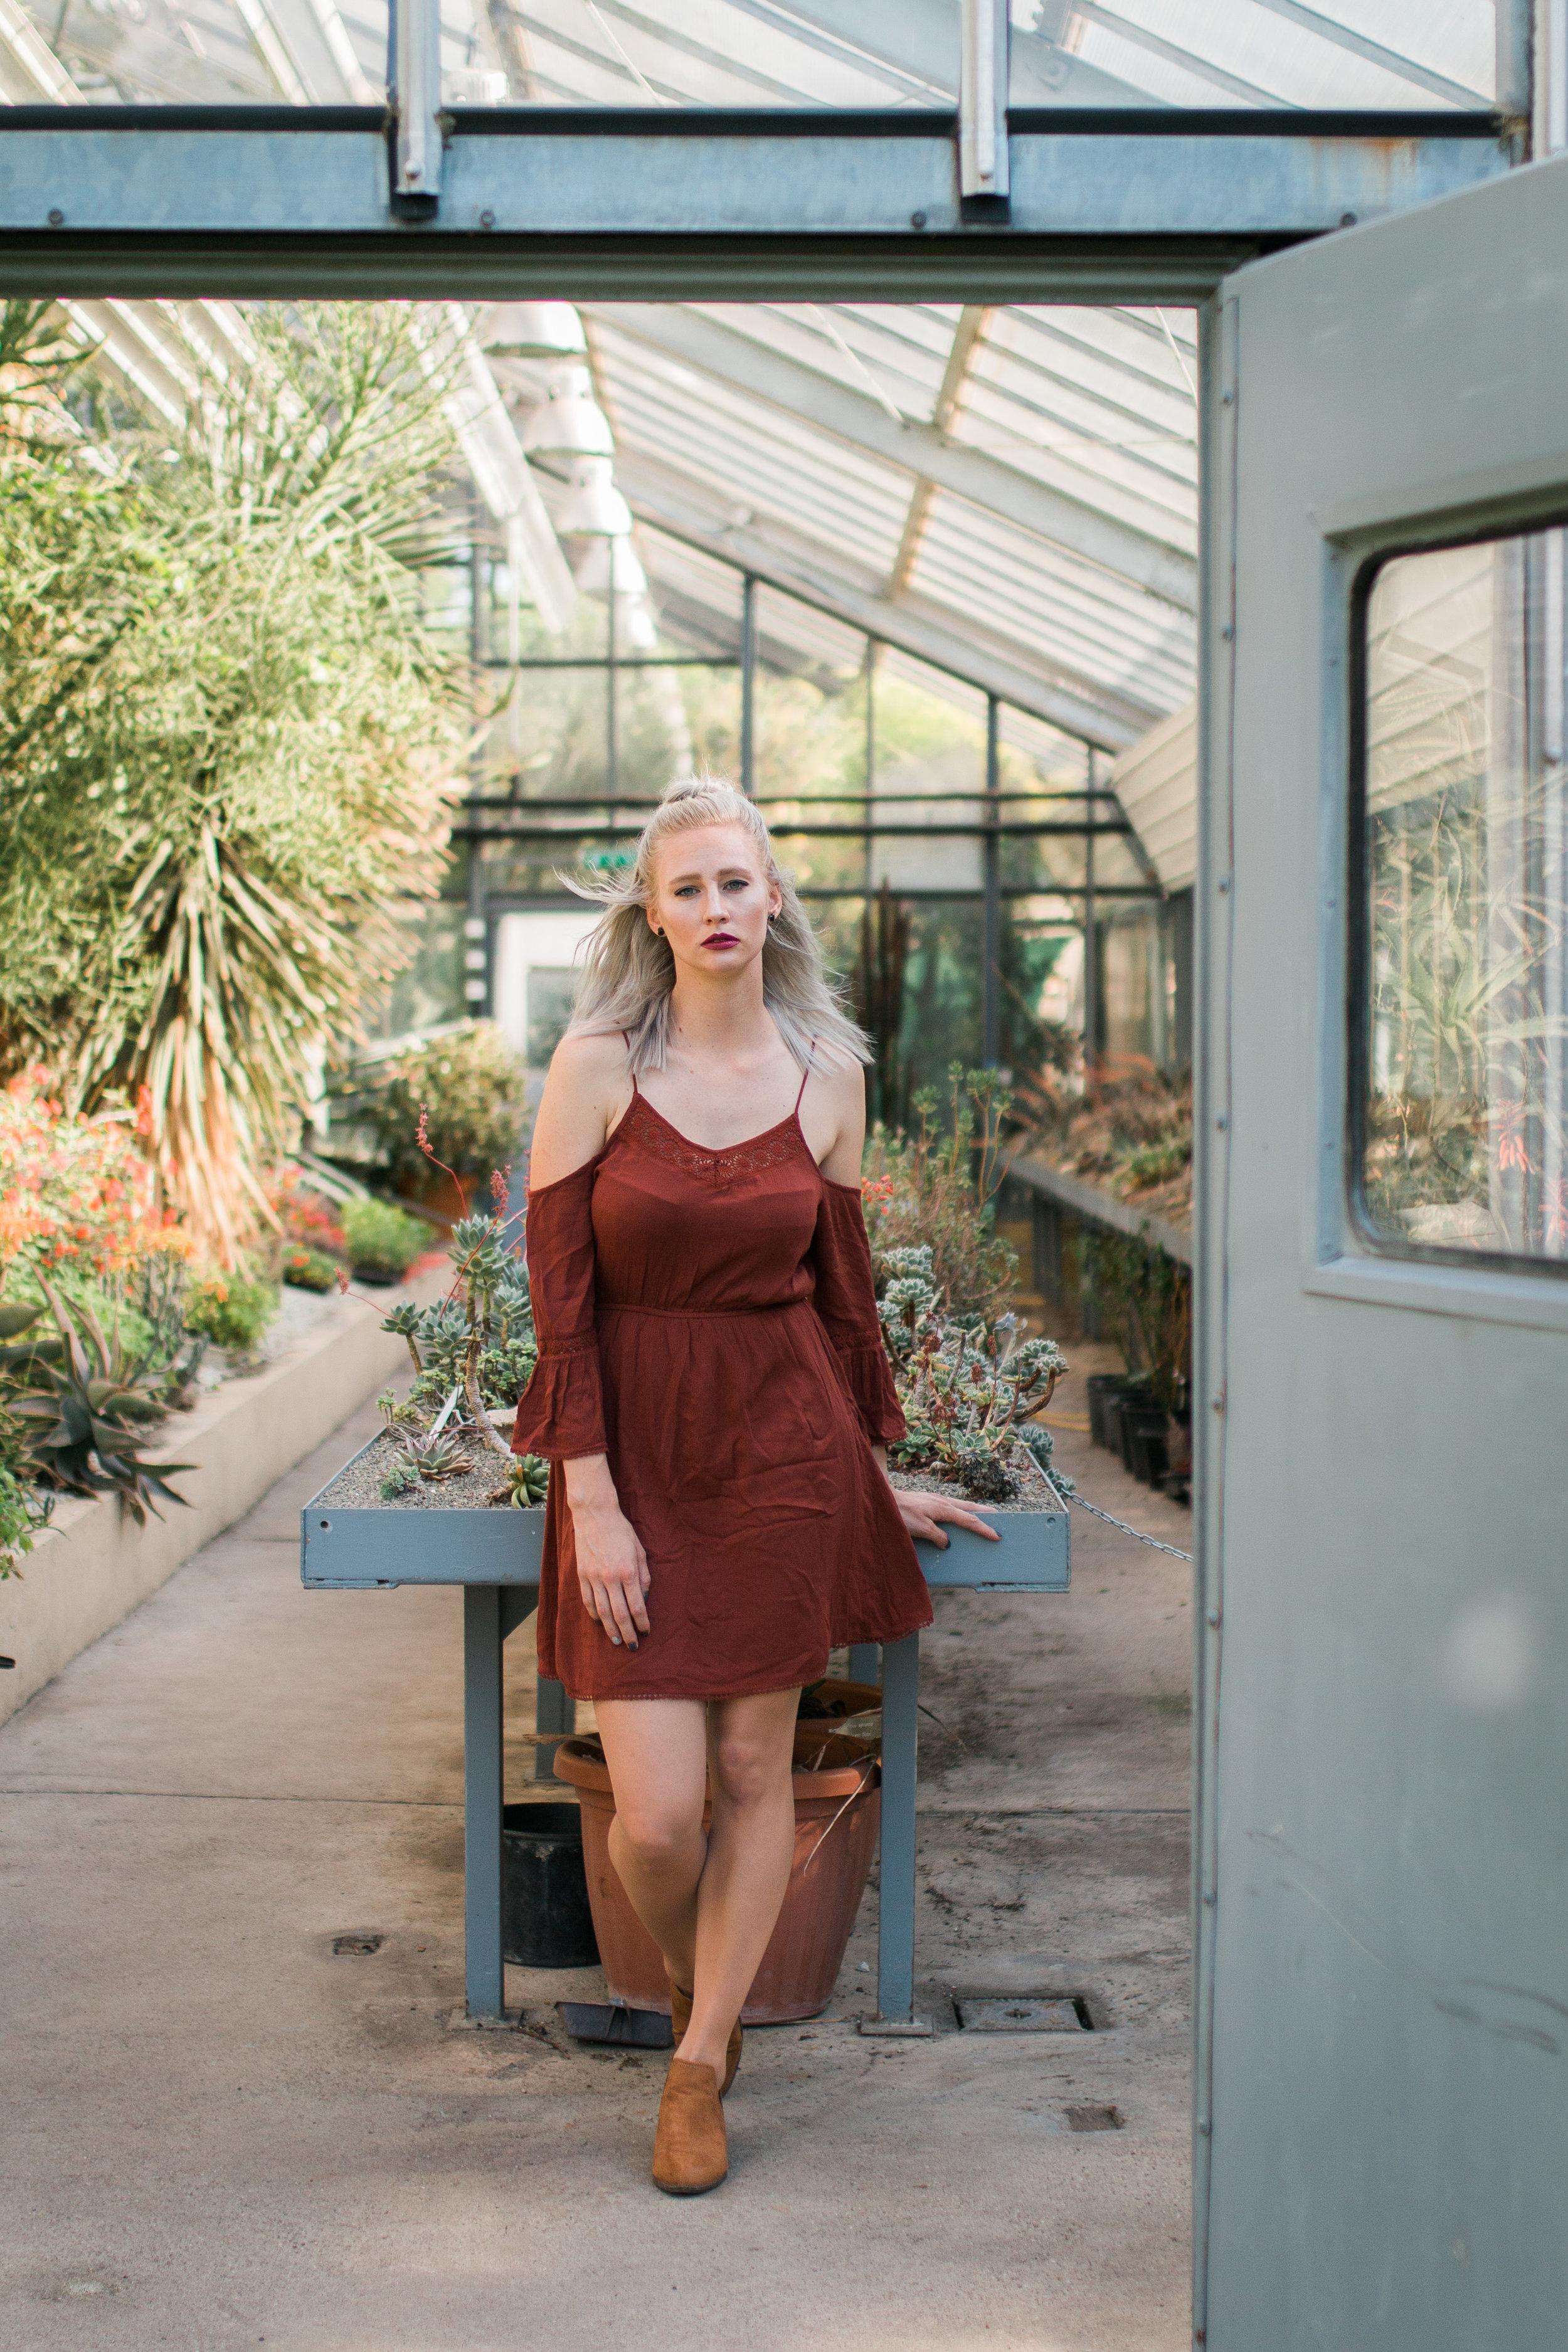 Elopement Photographer Iceland Bettina Vass